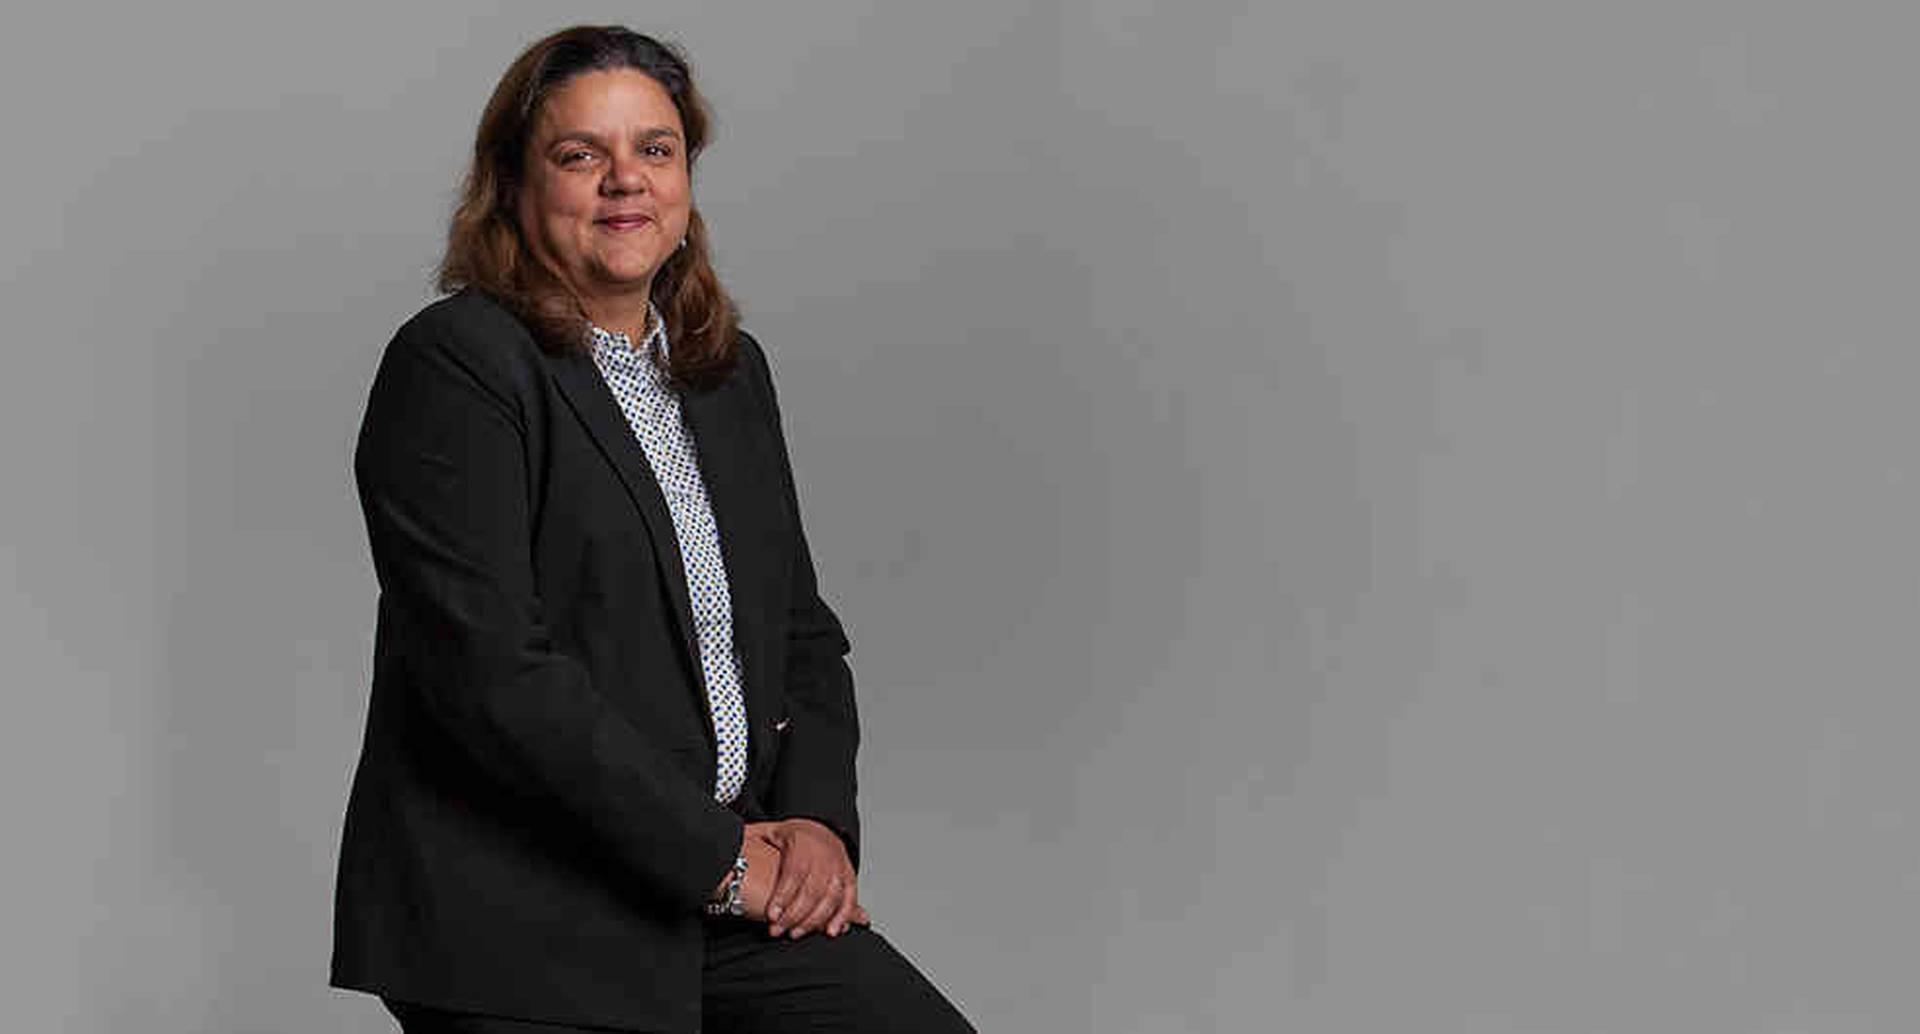 La representante para Colombia de Unicef hace énfasis en que la convención sigue siendo un instrumento vigente para proteger a la niñez.